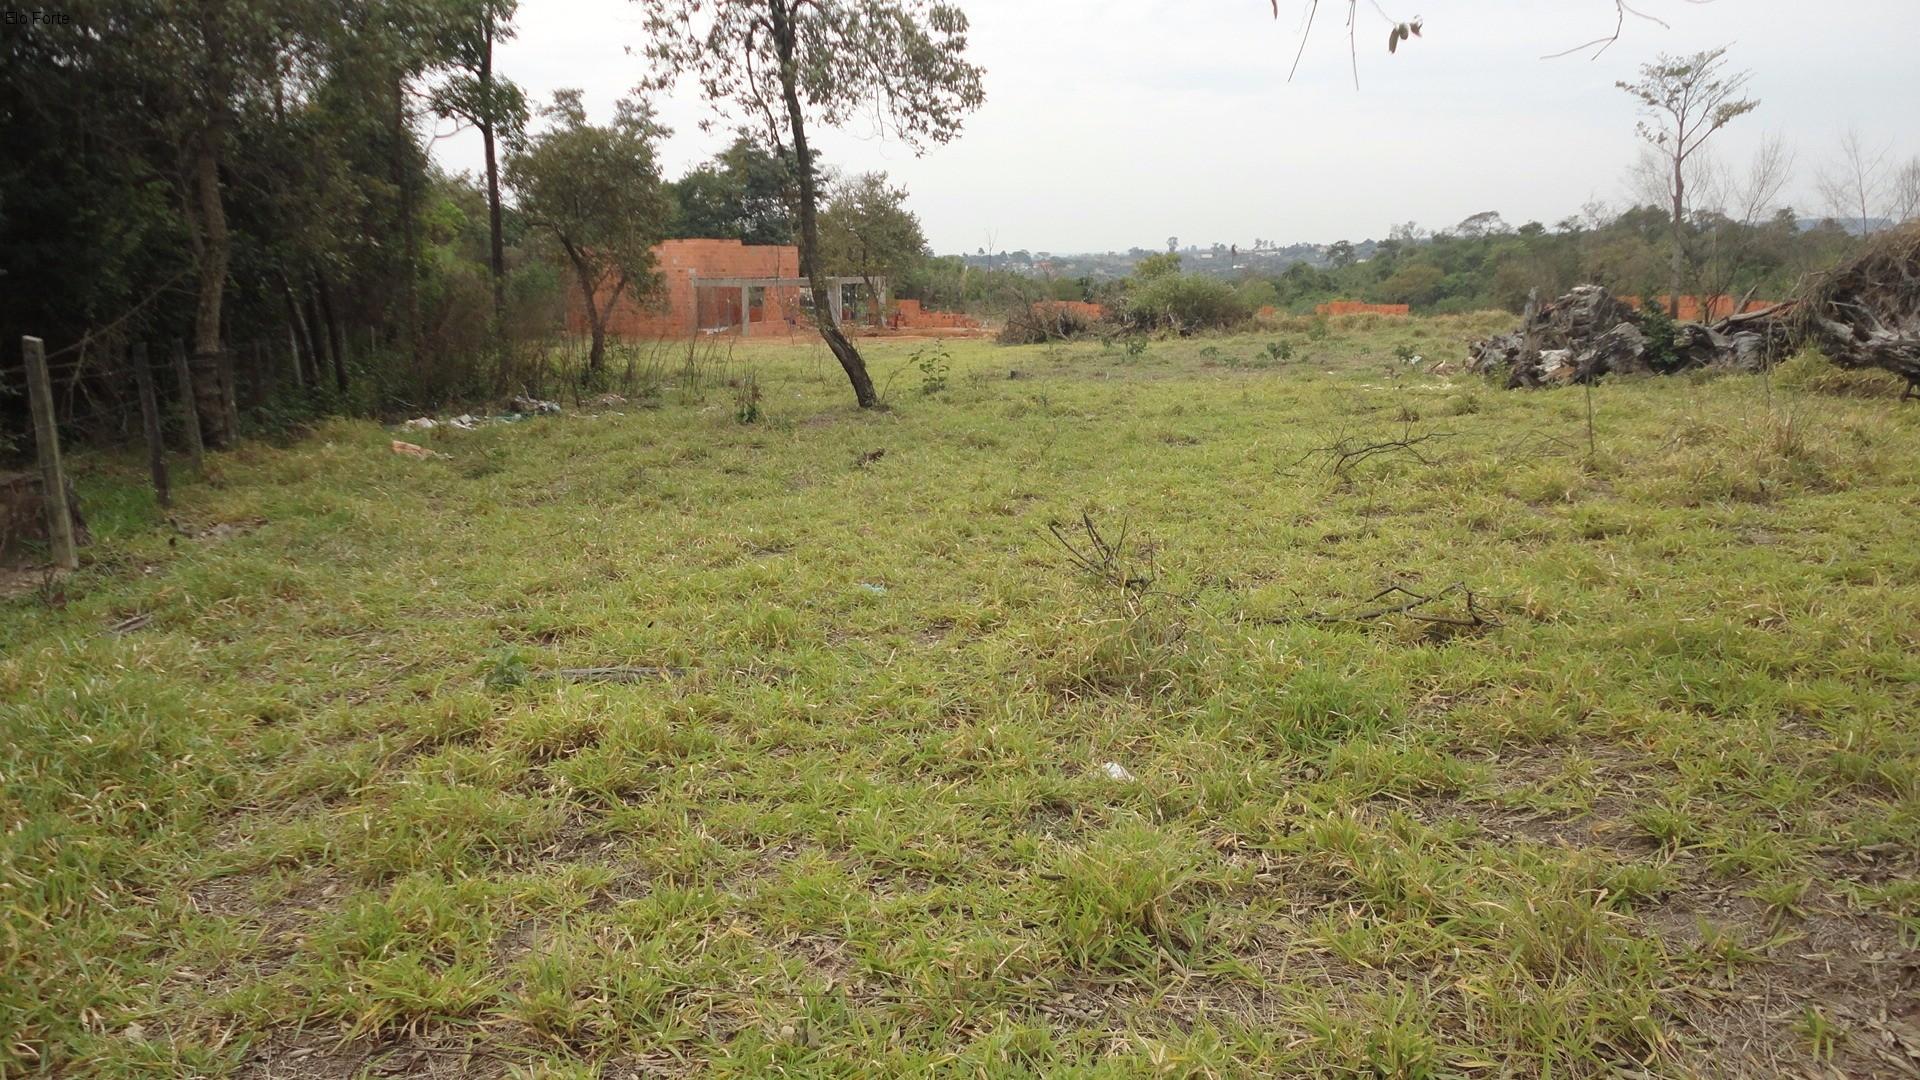 comprar ou alugar terreno no bairro itaboraí na cidade de indaiatuba-sp